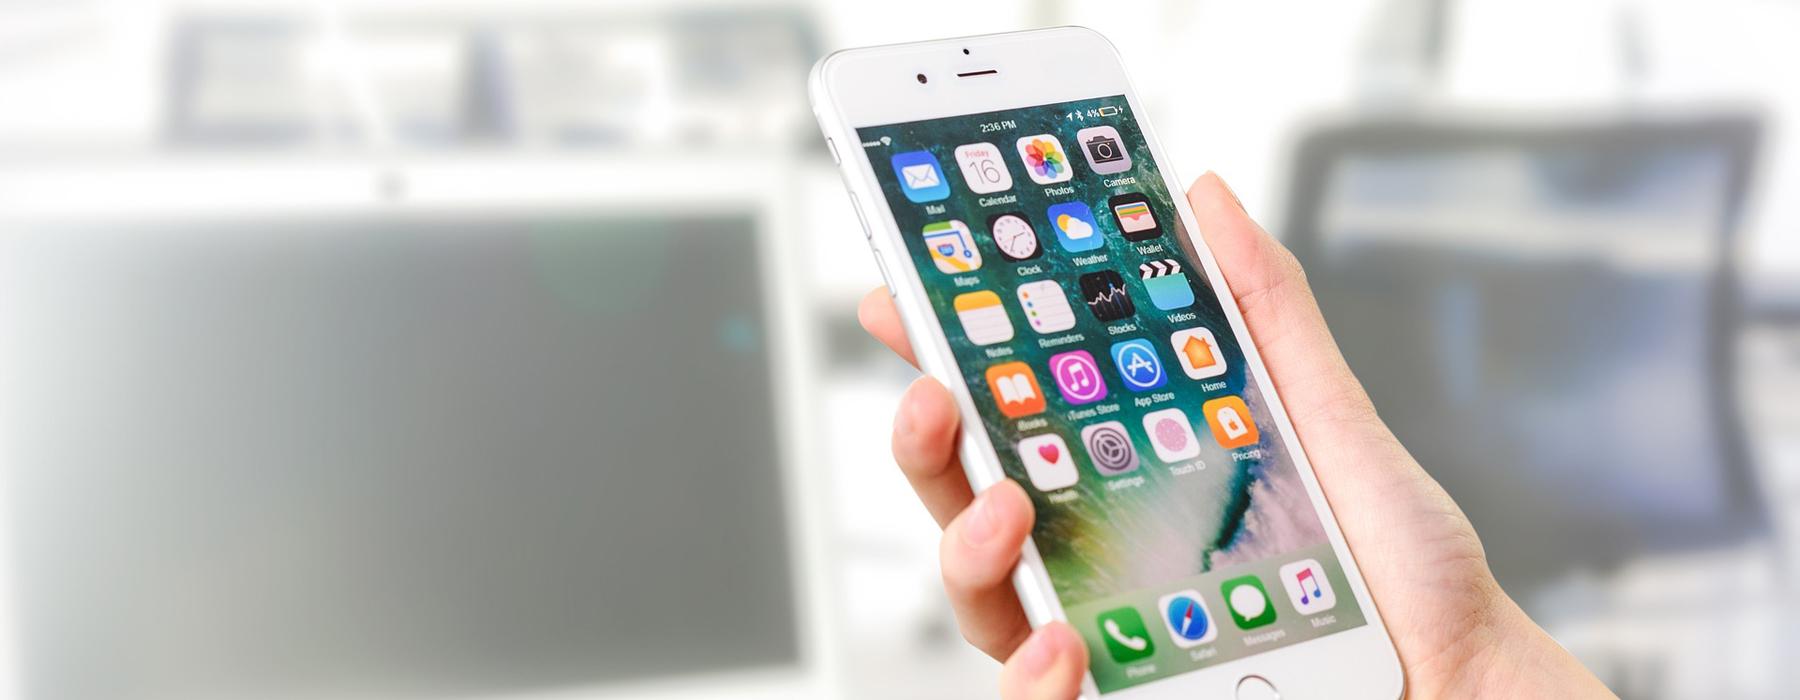 Микромоментите - защо е важно дигиталното присъствие на бранда ни?